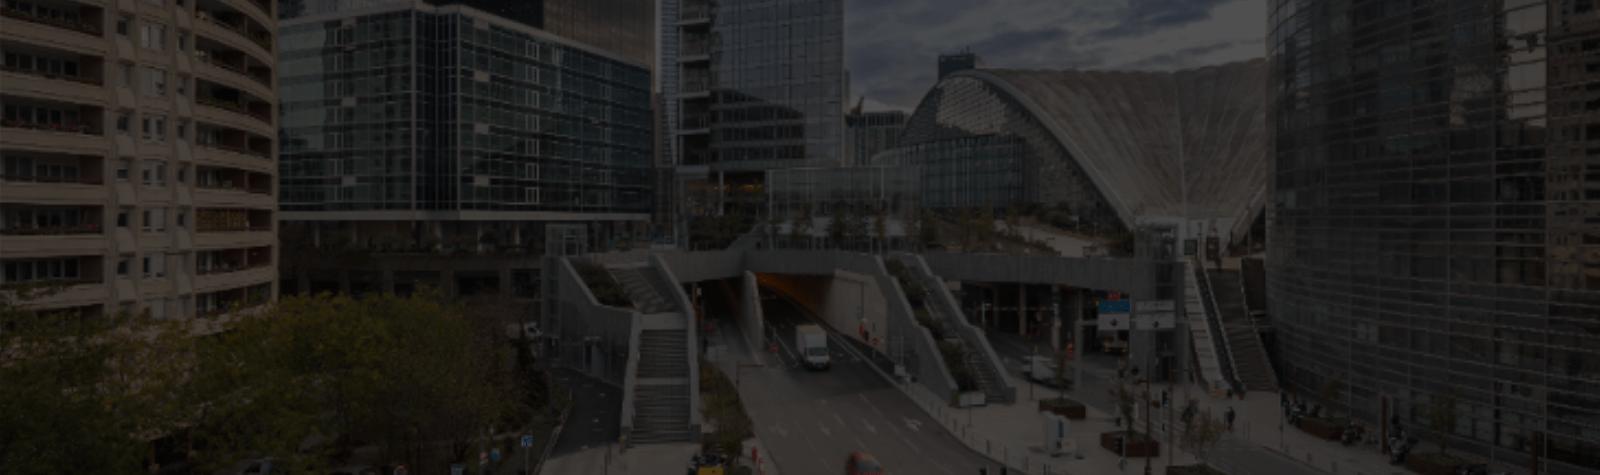 Paris La Défense poursuit sa modernisation et livre des espaces publics entièrement repensés